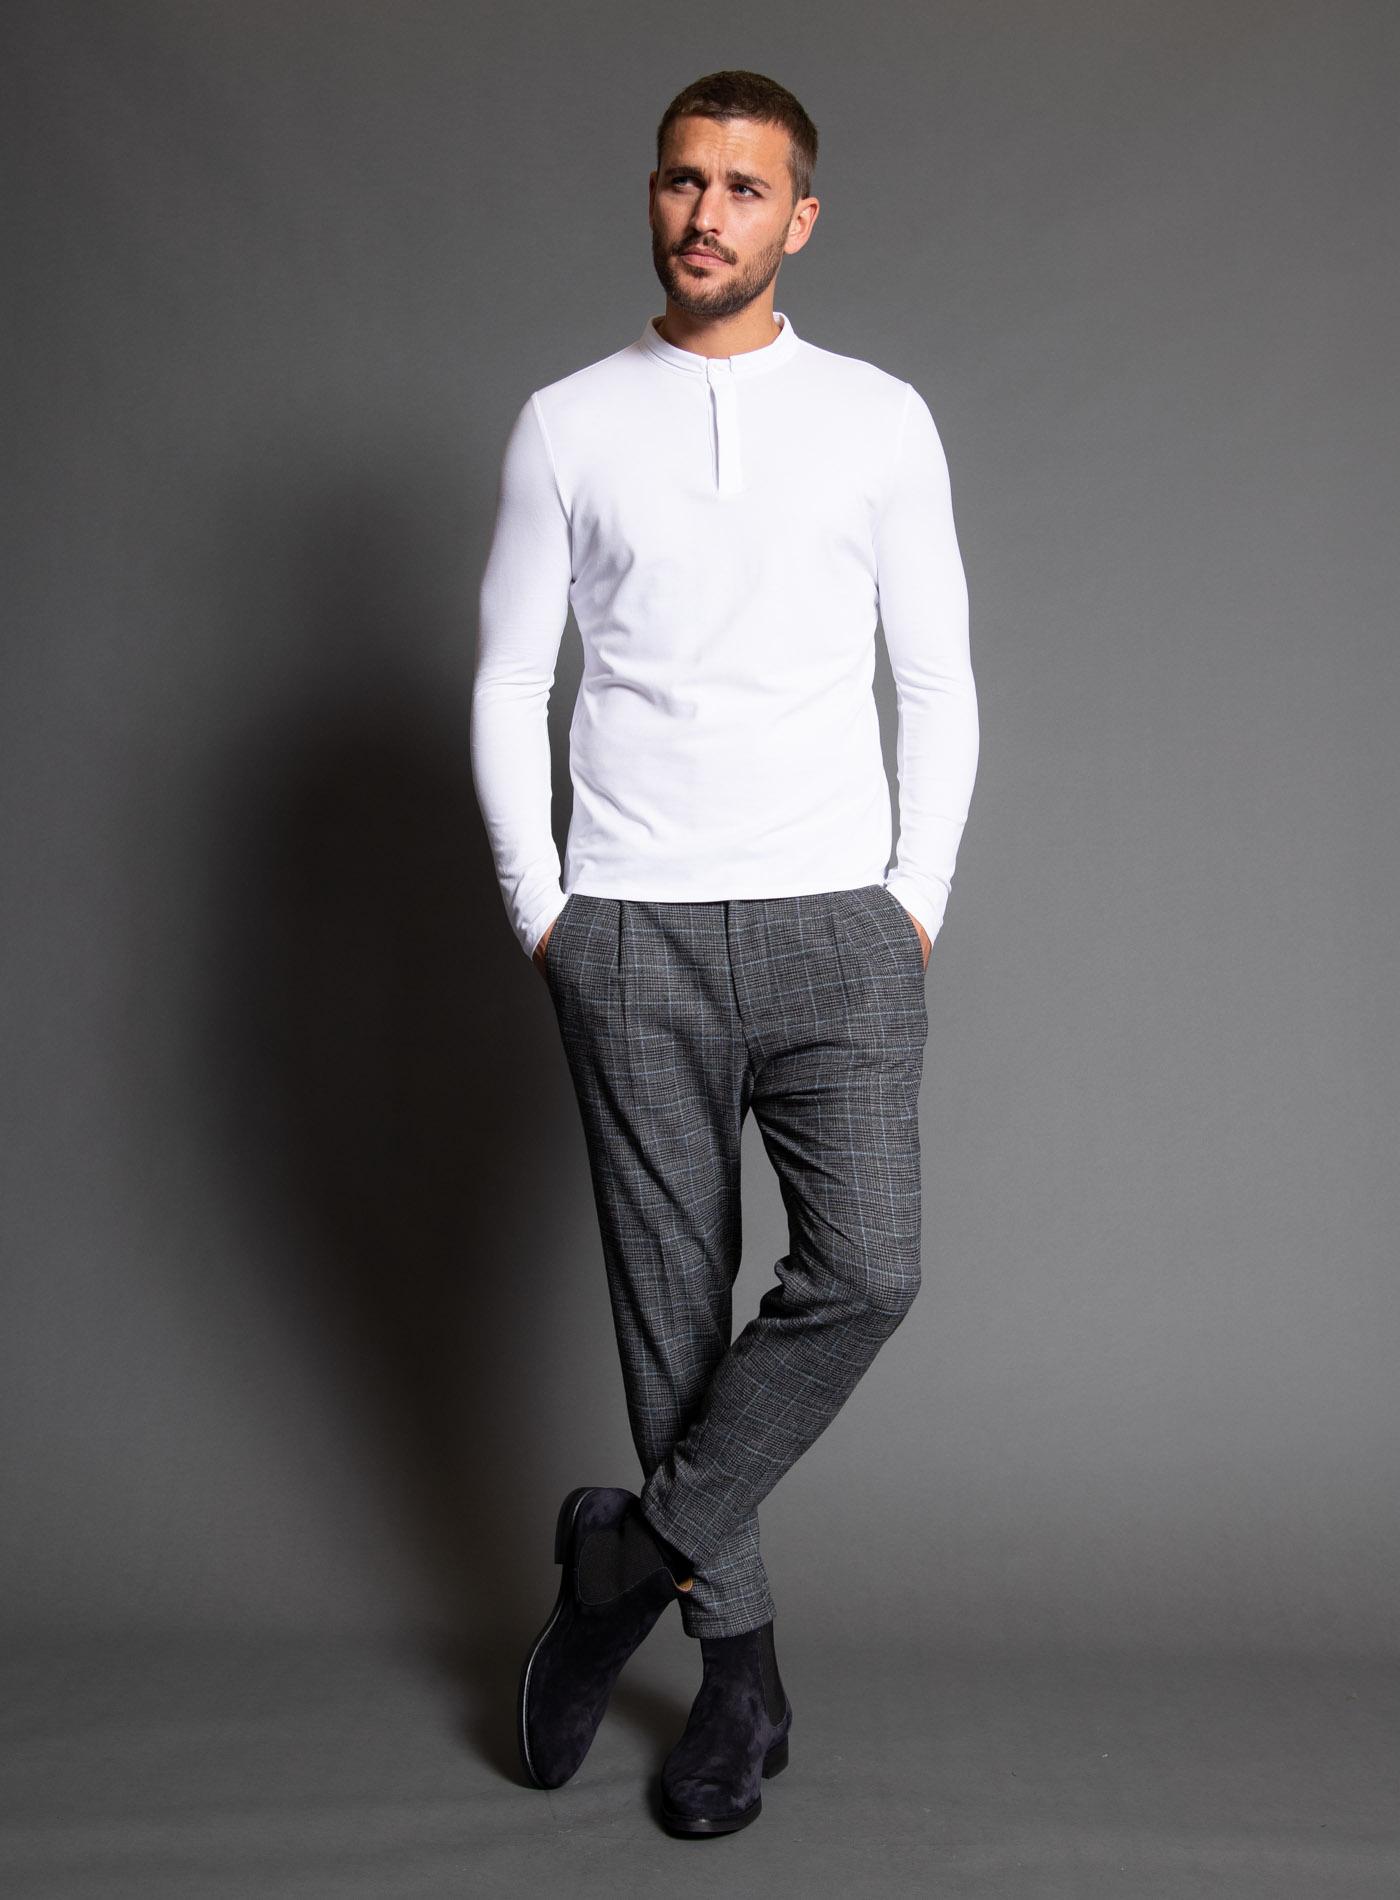 Casual Hemden von Top-Marken jetzt finden | Wormland